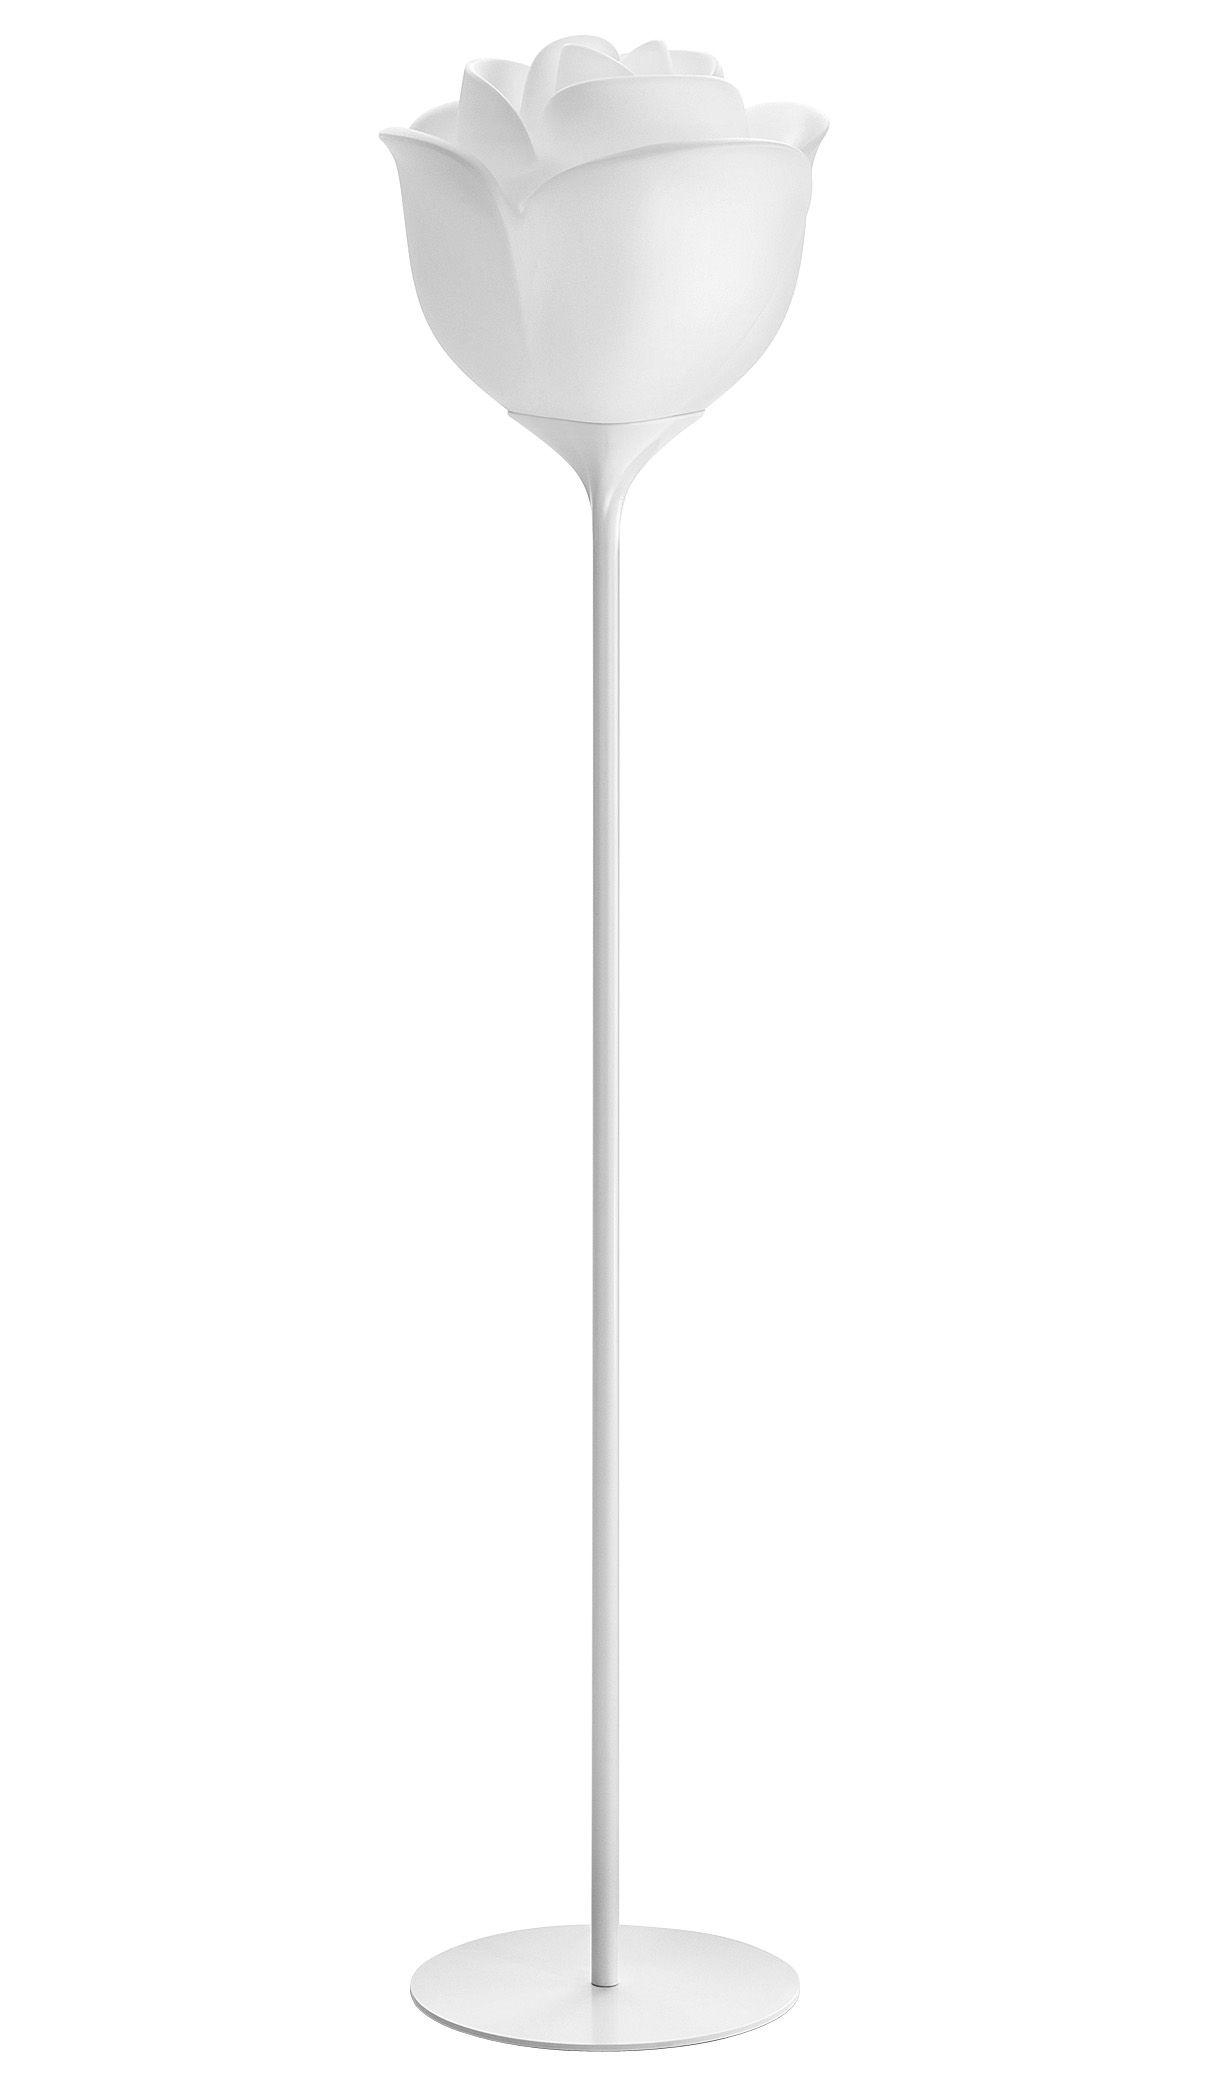 Luminaire - Lampadaires - Lampadaire Baby Love pour l'intérieur - H 175 cm - MyYour - Pied blanc - Abat-jour blanc - Acier laqué, Matière plastique